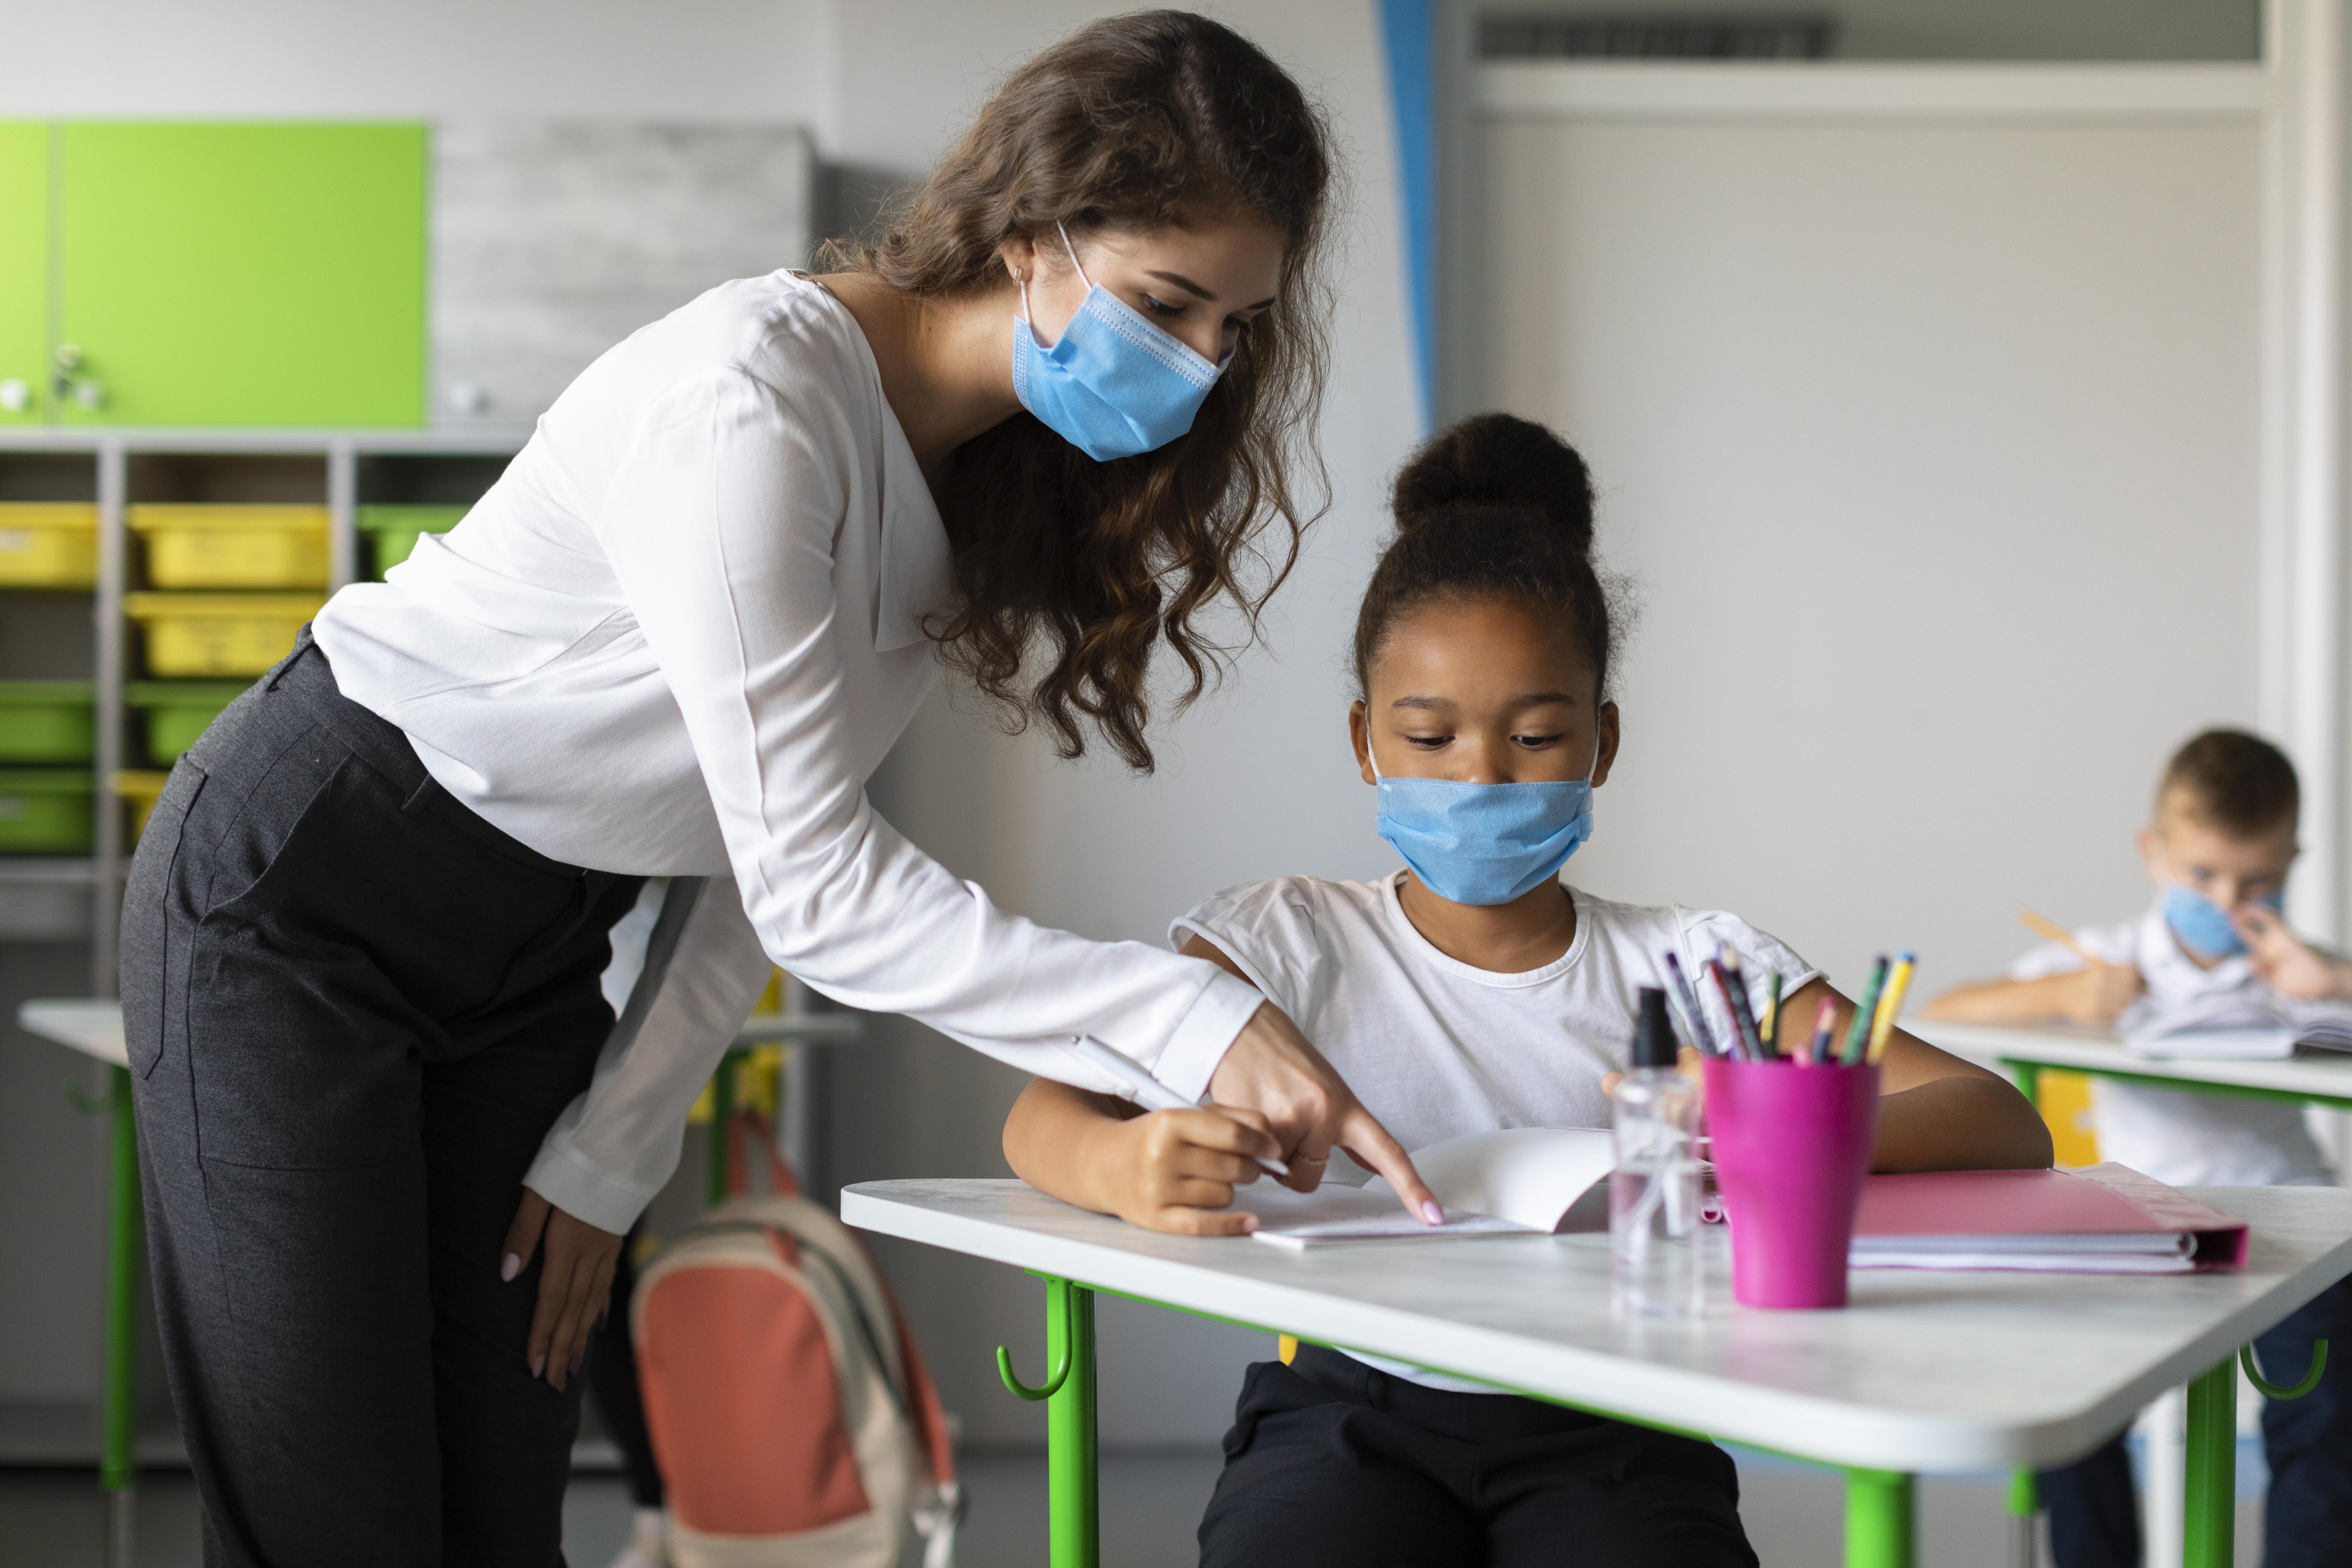 Gestores municipais de educação priorizam busca ativa de estudantes e suporte aos diretores, diz estudo da Undime